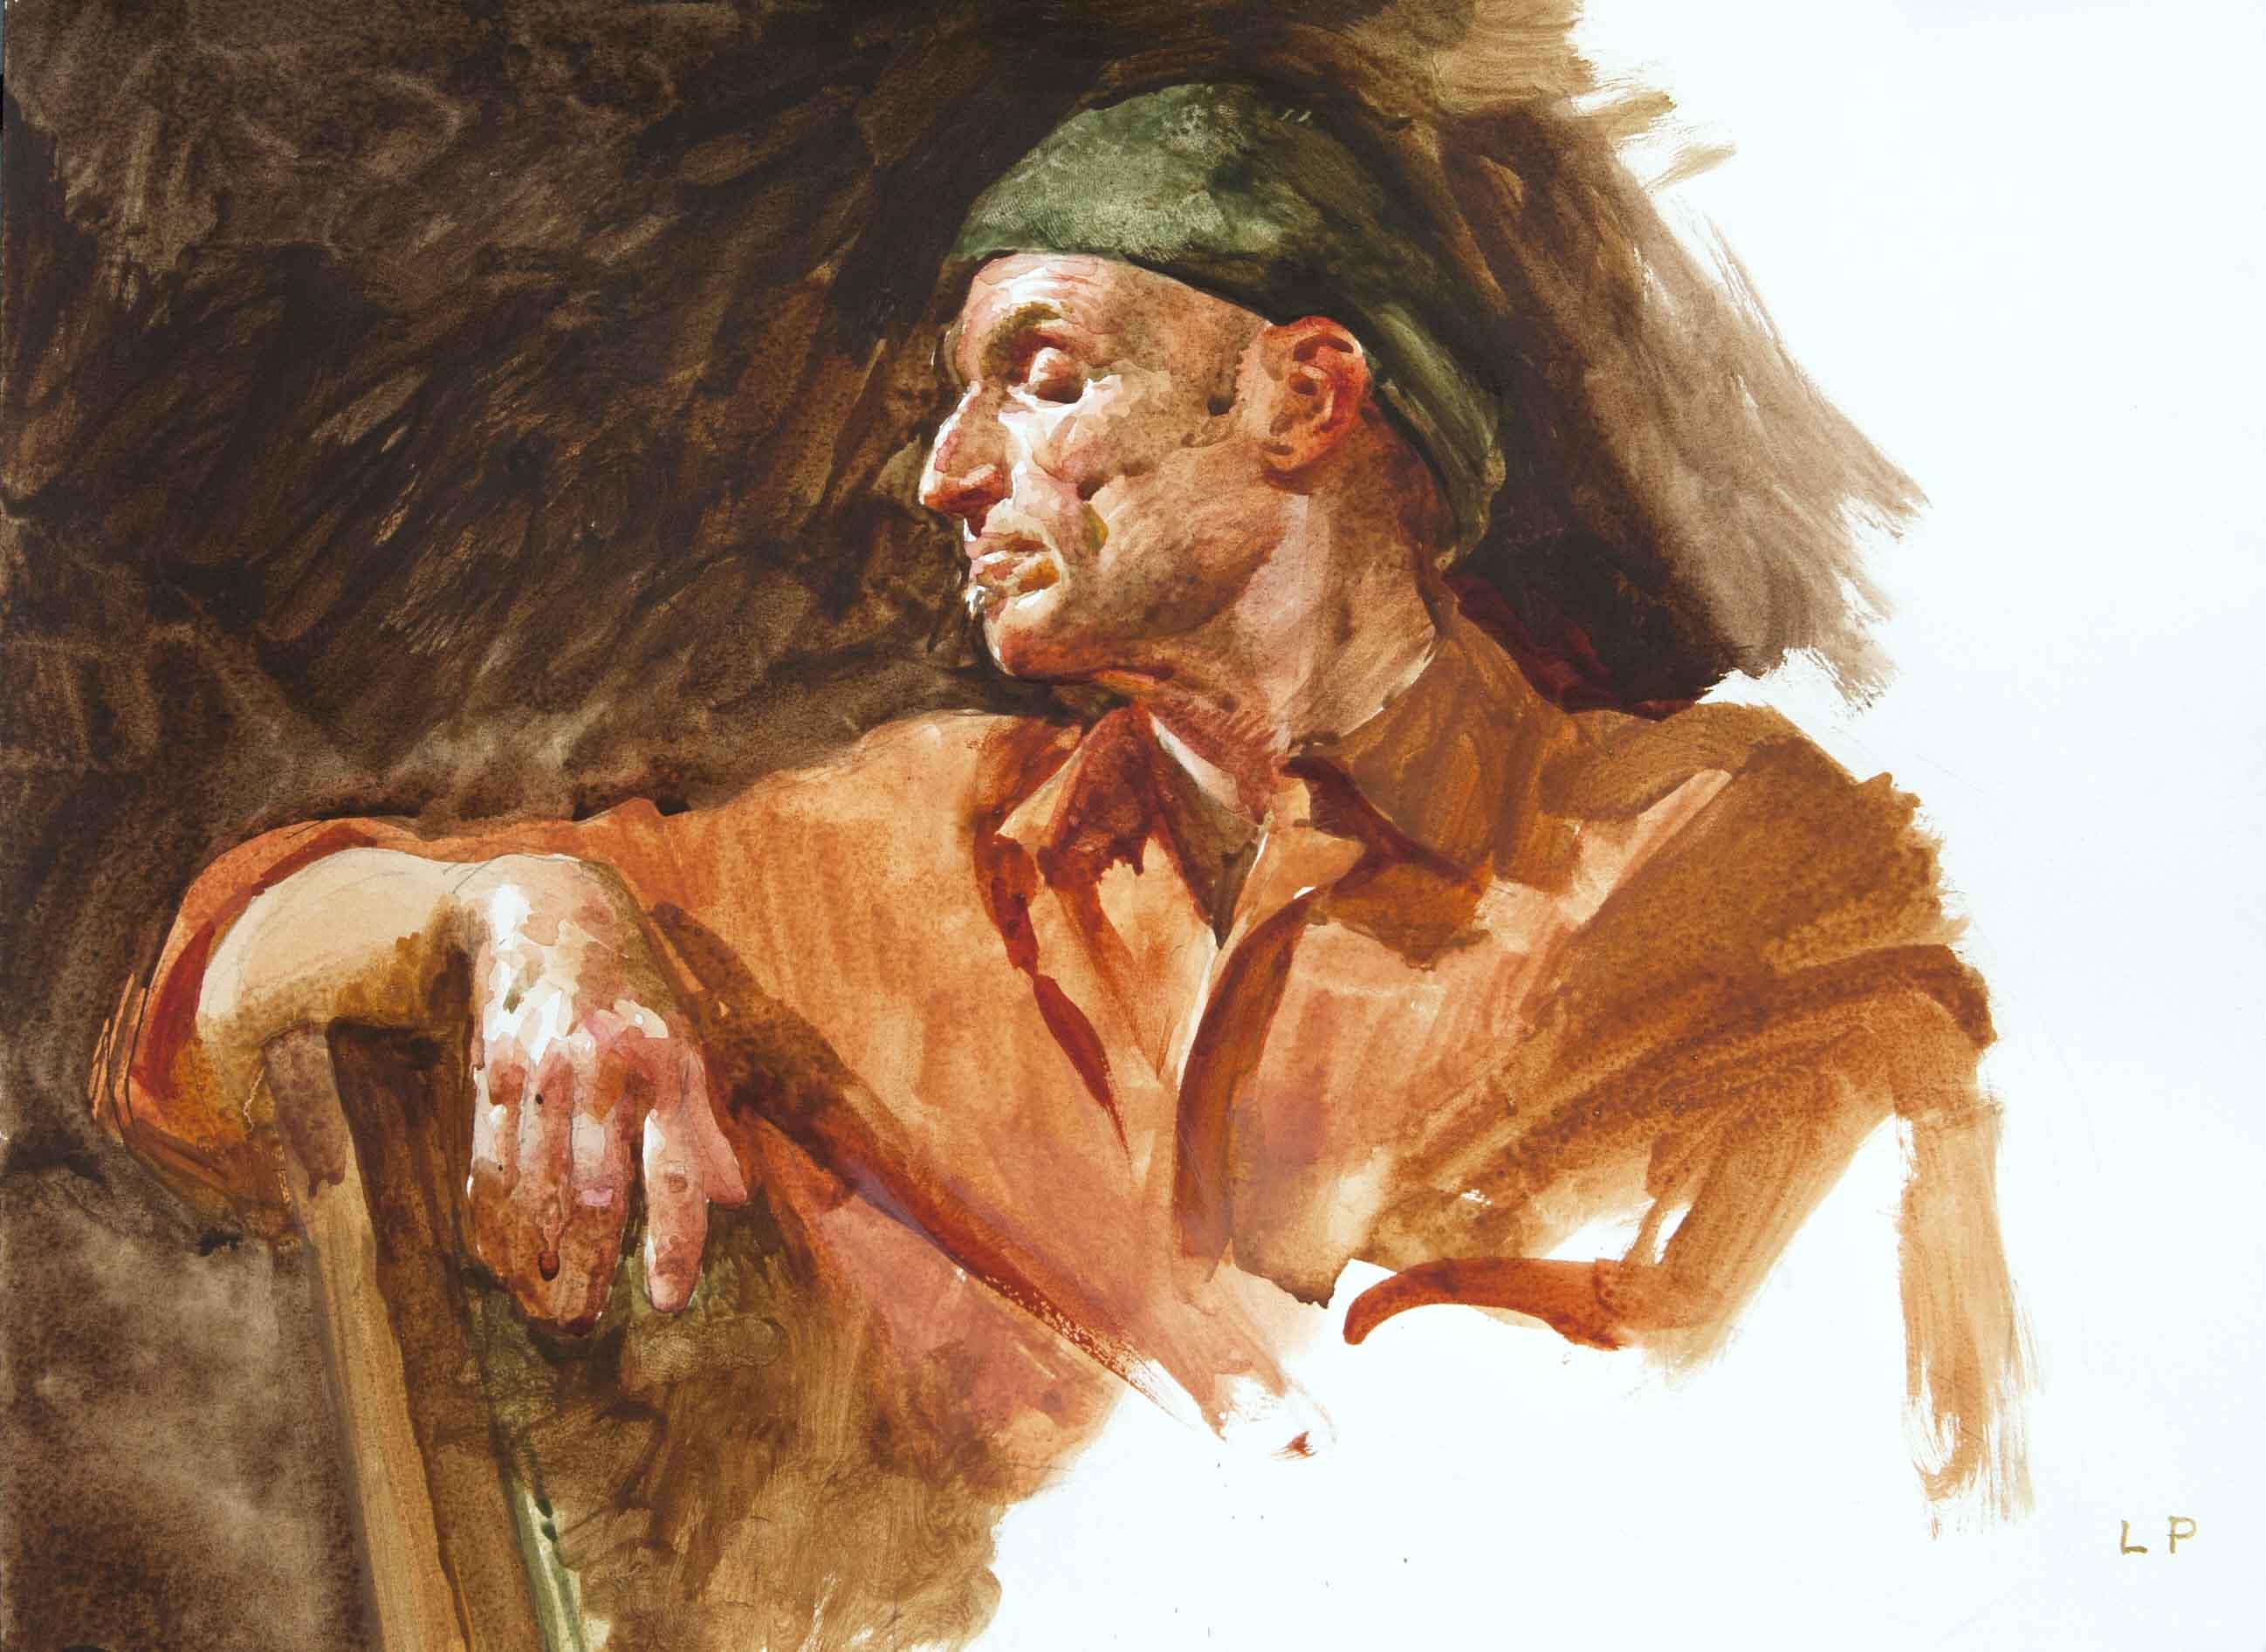 larry paulsen watercolor 1